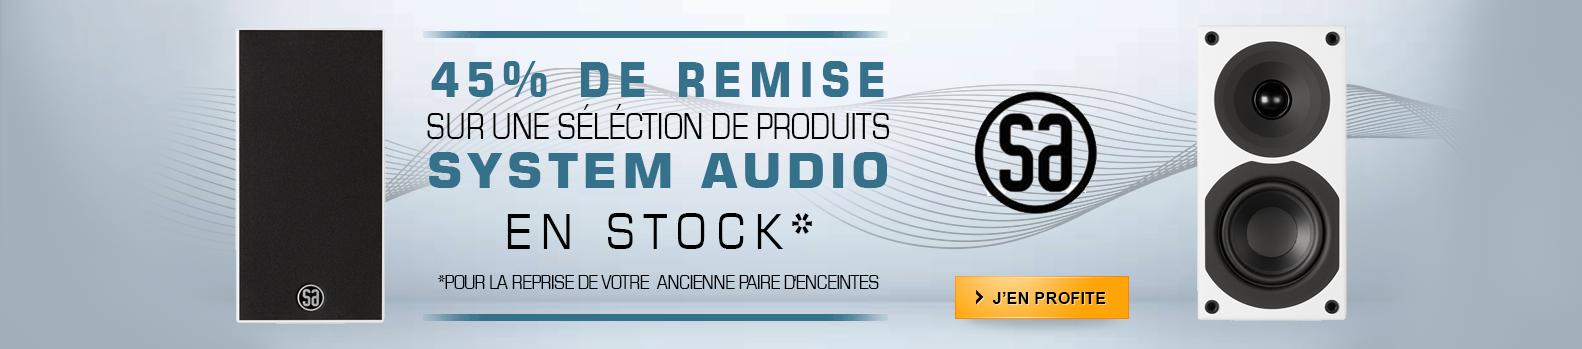 Offre de reprise ! Profitez de -45% sur une sélection de produits System Audio